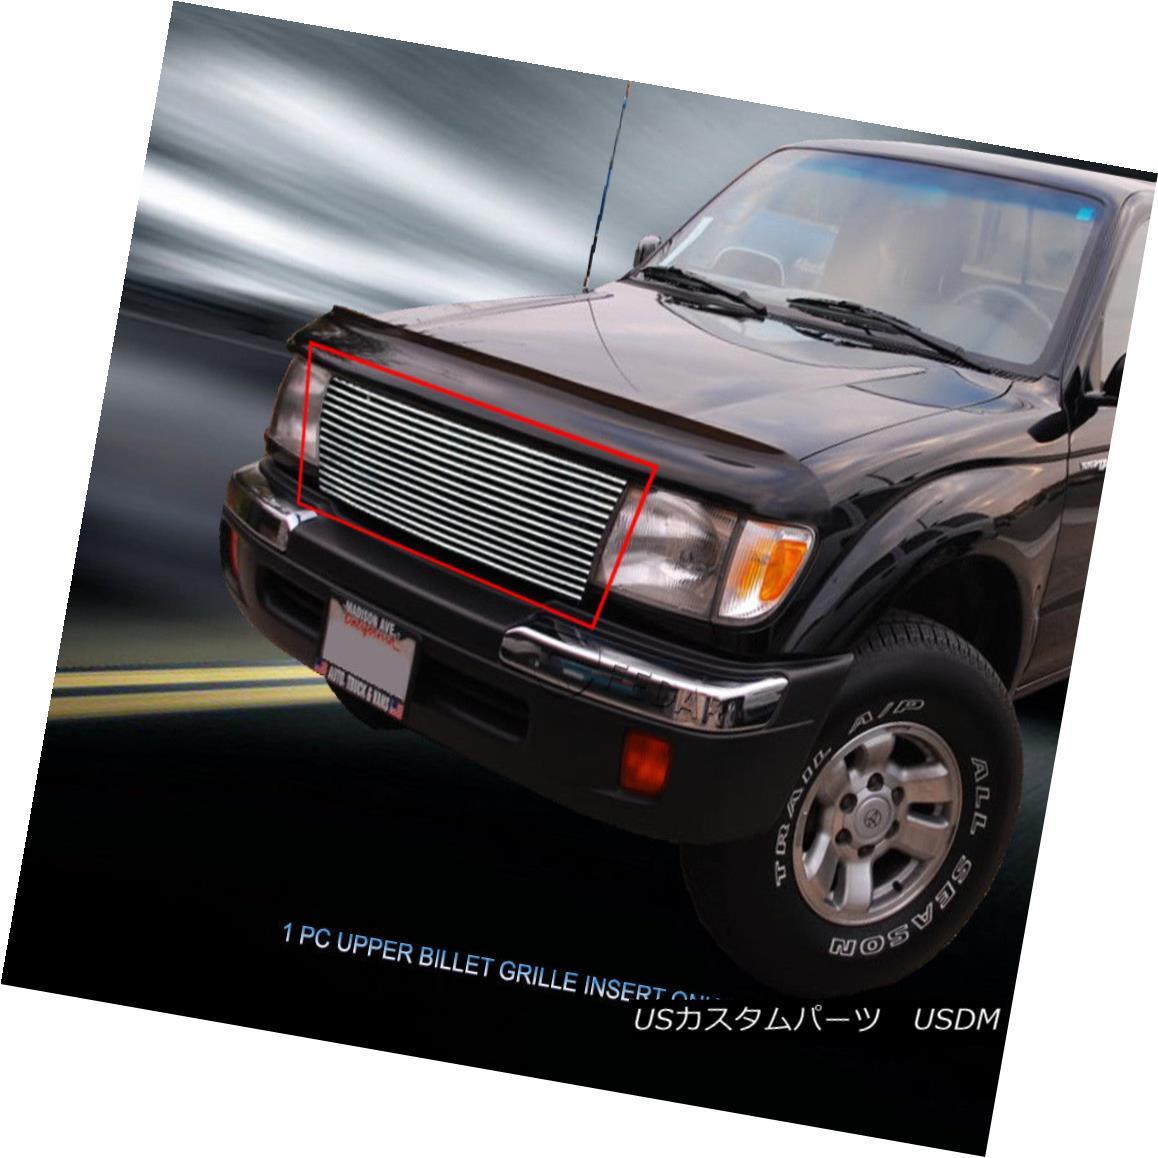 グリル Fedar Fits 1997-2000 Toyota Tacoma 2WD Polished Billet Grille Upper Grill Insert Fedarフィット1997-2000トヨタタコマ2WDポリッシュビレットグリルアッパーグリルインサート